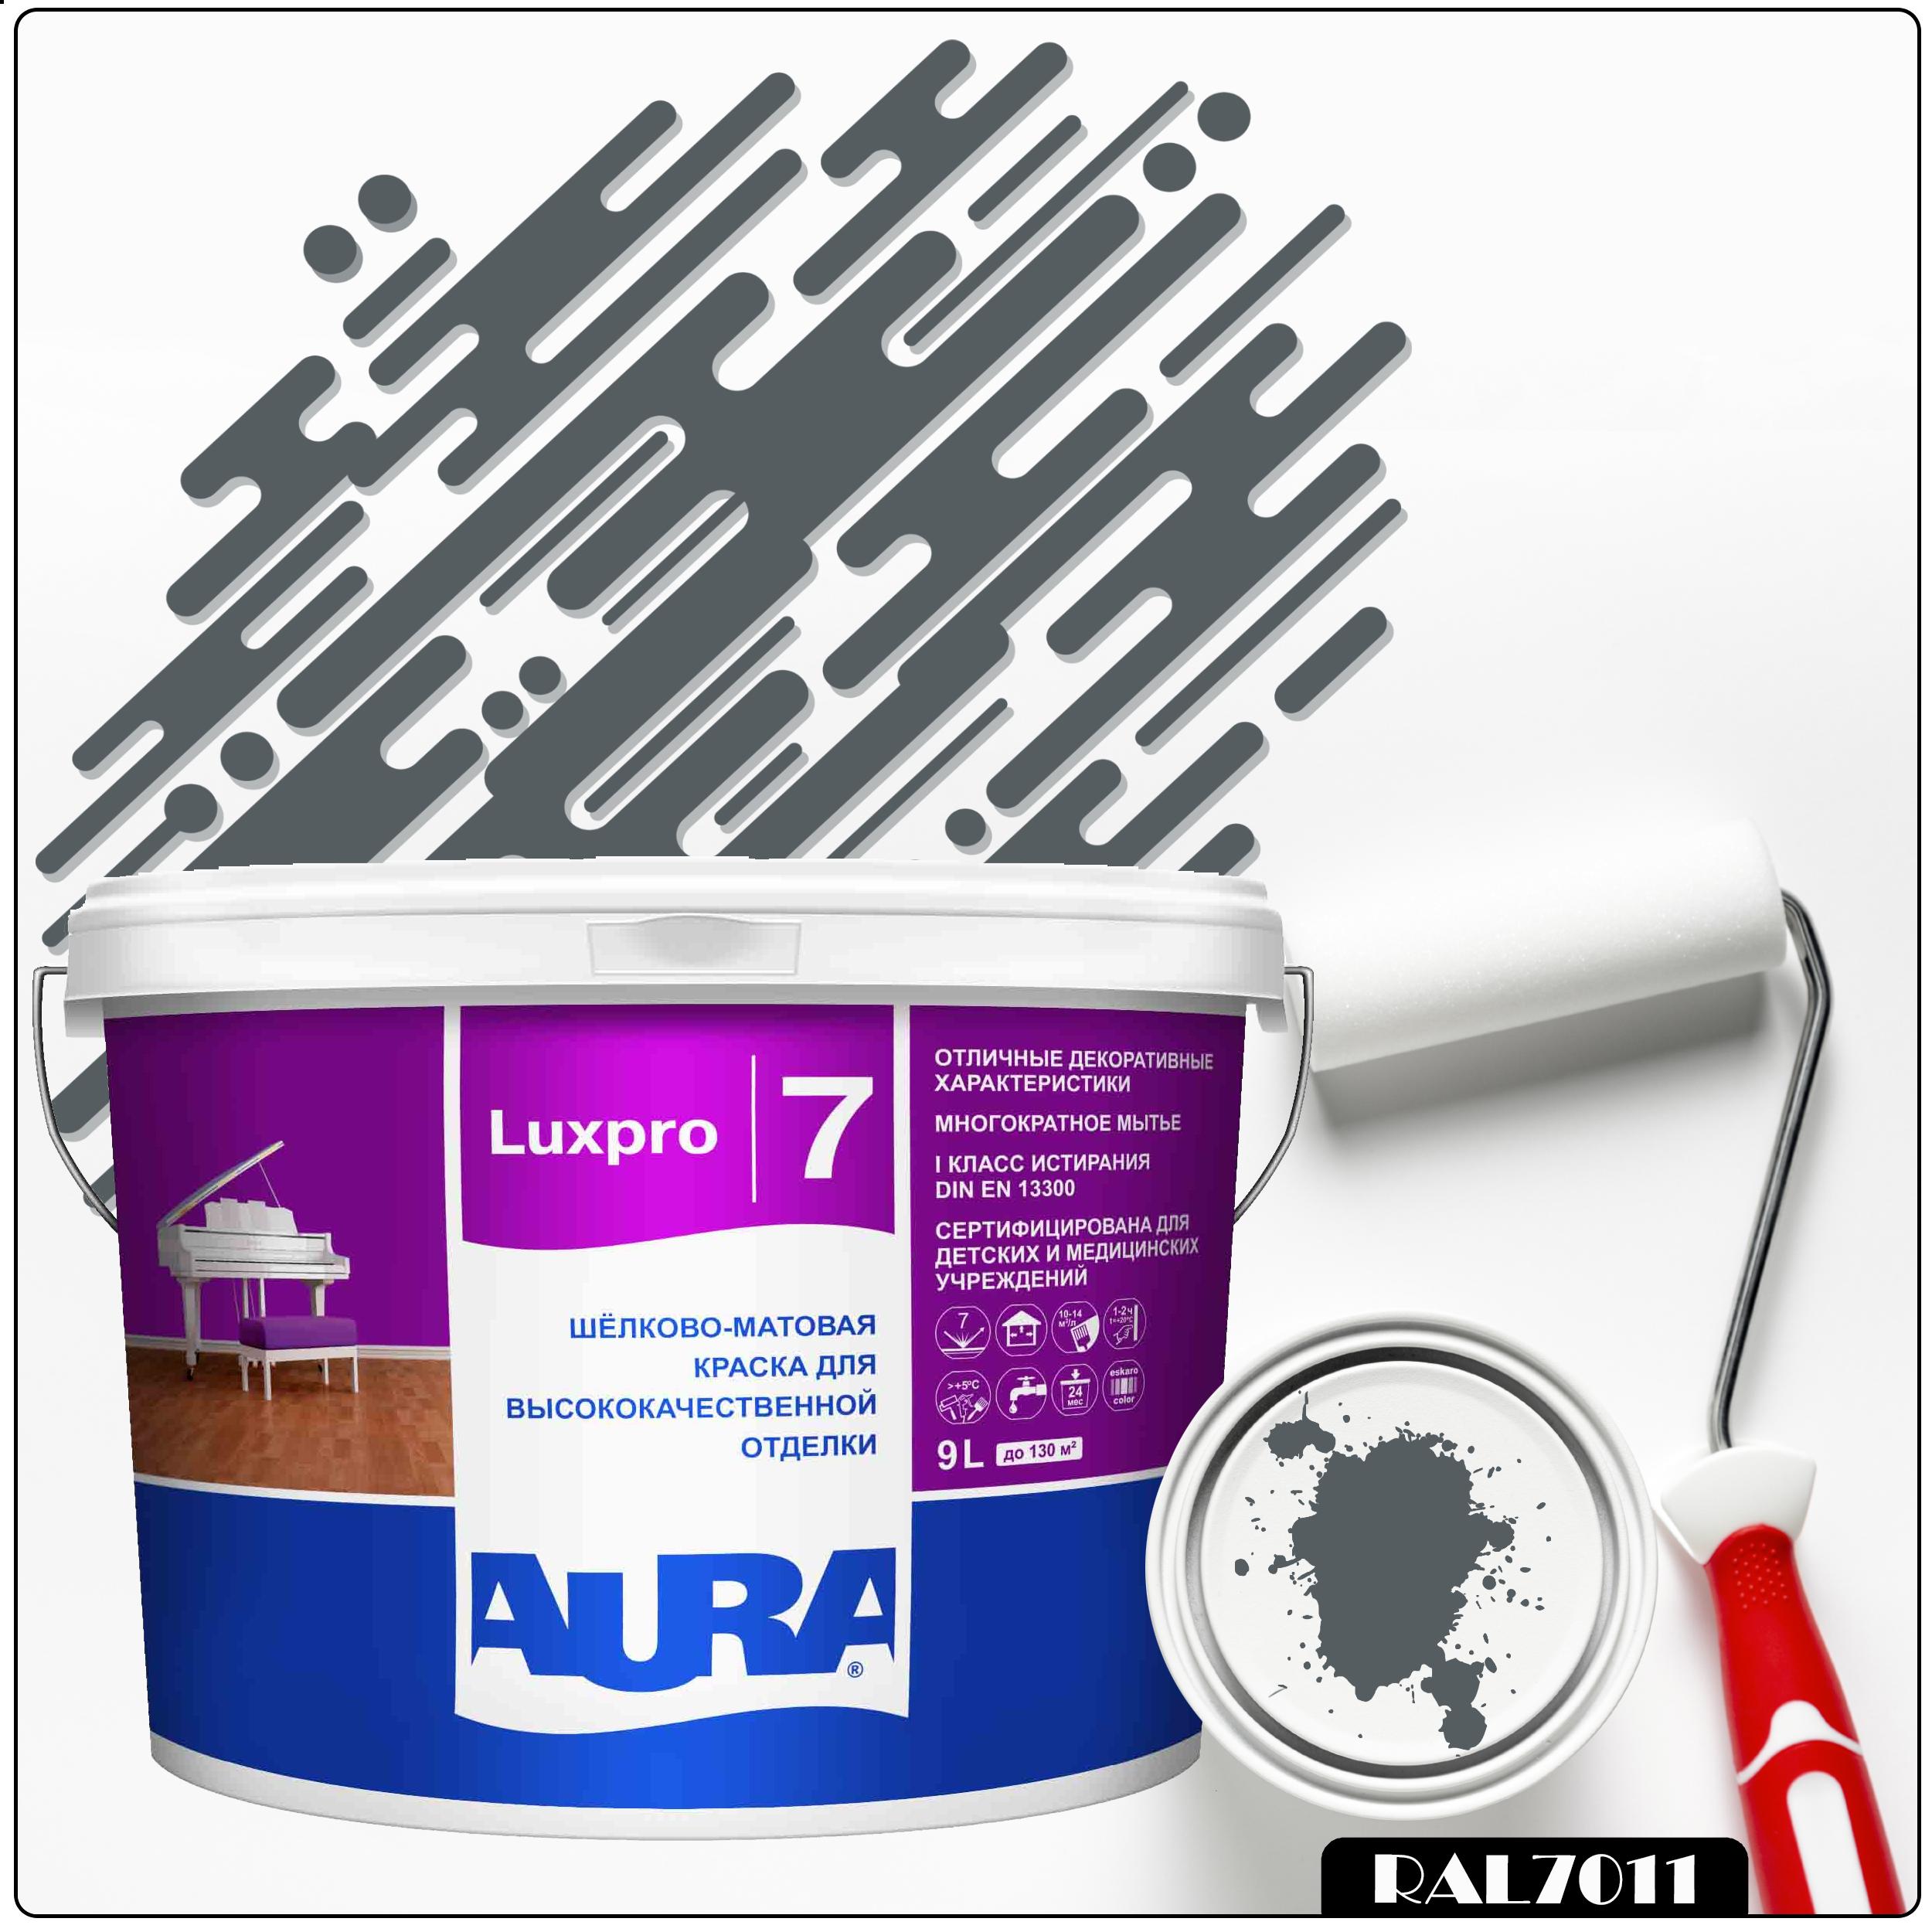 Фото 11 - Краска Aura LuxPRO 7, RAL 7011 Серый металл, латексная, шелково-матовая, интерьерная, 9л, Аура.